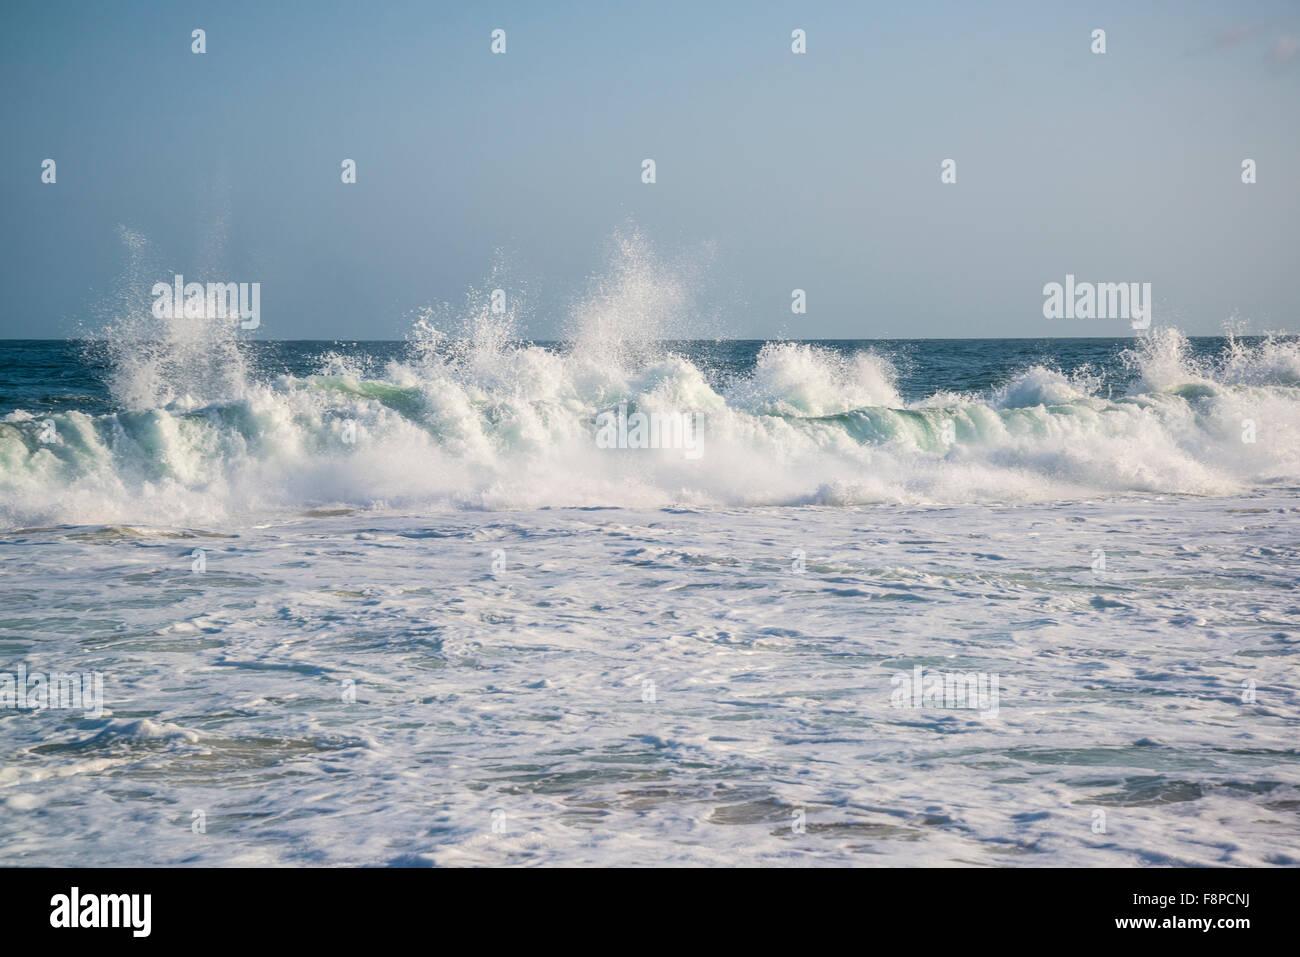 Atlantic ocean, Waves, Rio de Janeiro, Brazil - Stock Image